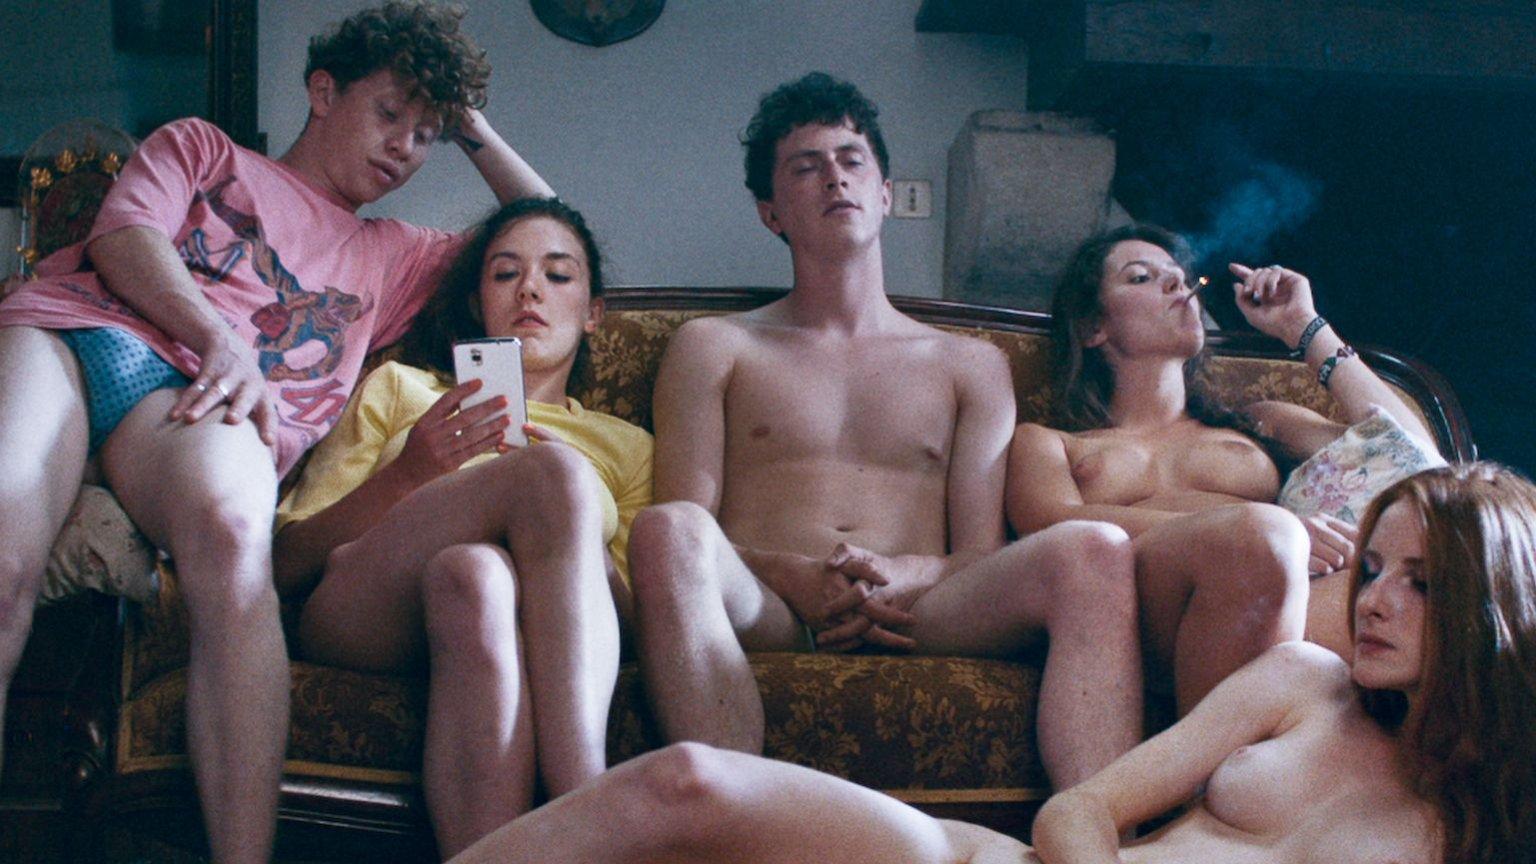 dziewczyny mają orgię poszukiwane modele gejowskie porno